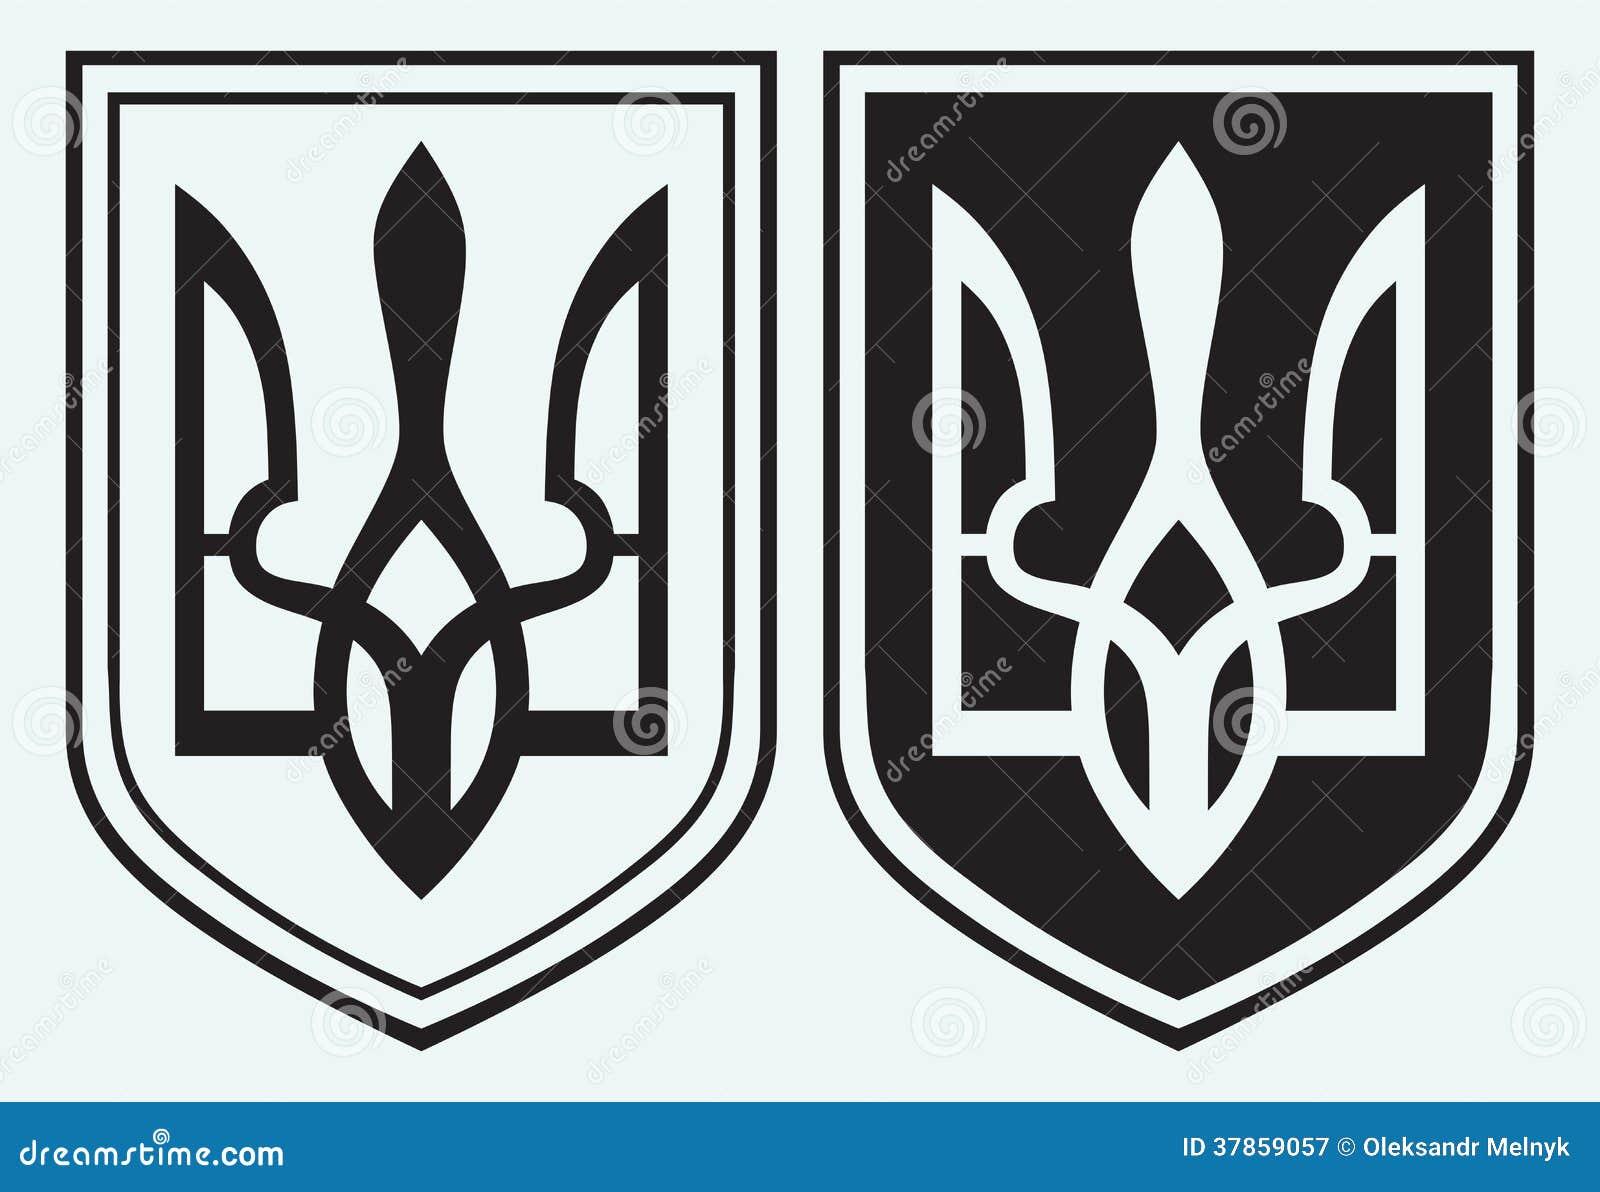 Coat of Arms of Ukraine  Ukrainian Trident Symbol